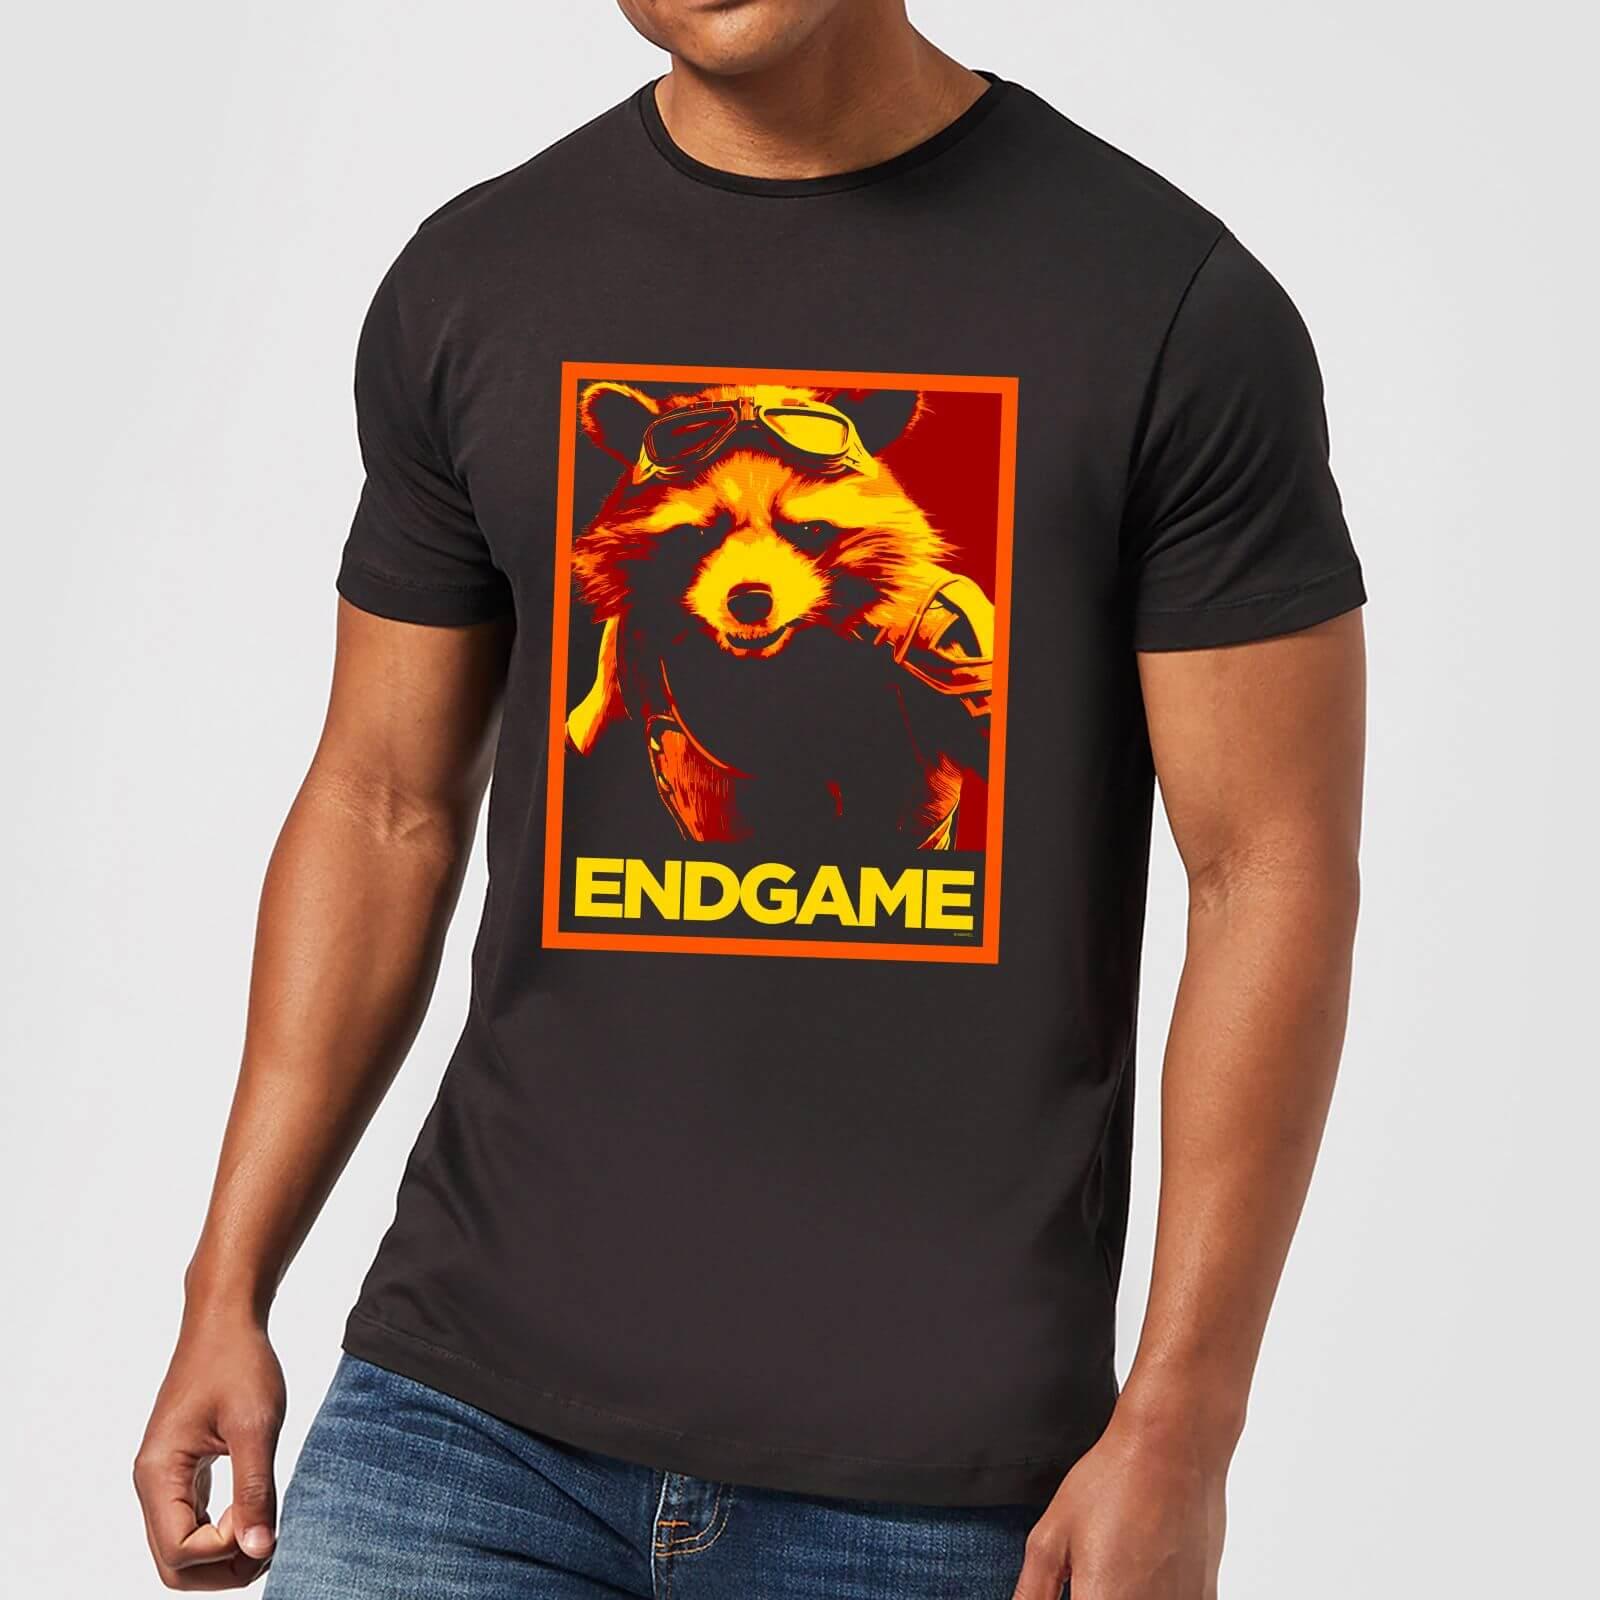 Marvel Avengers Endgame Rocket Poster Men's T-Shirt - Black - XXL - Black